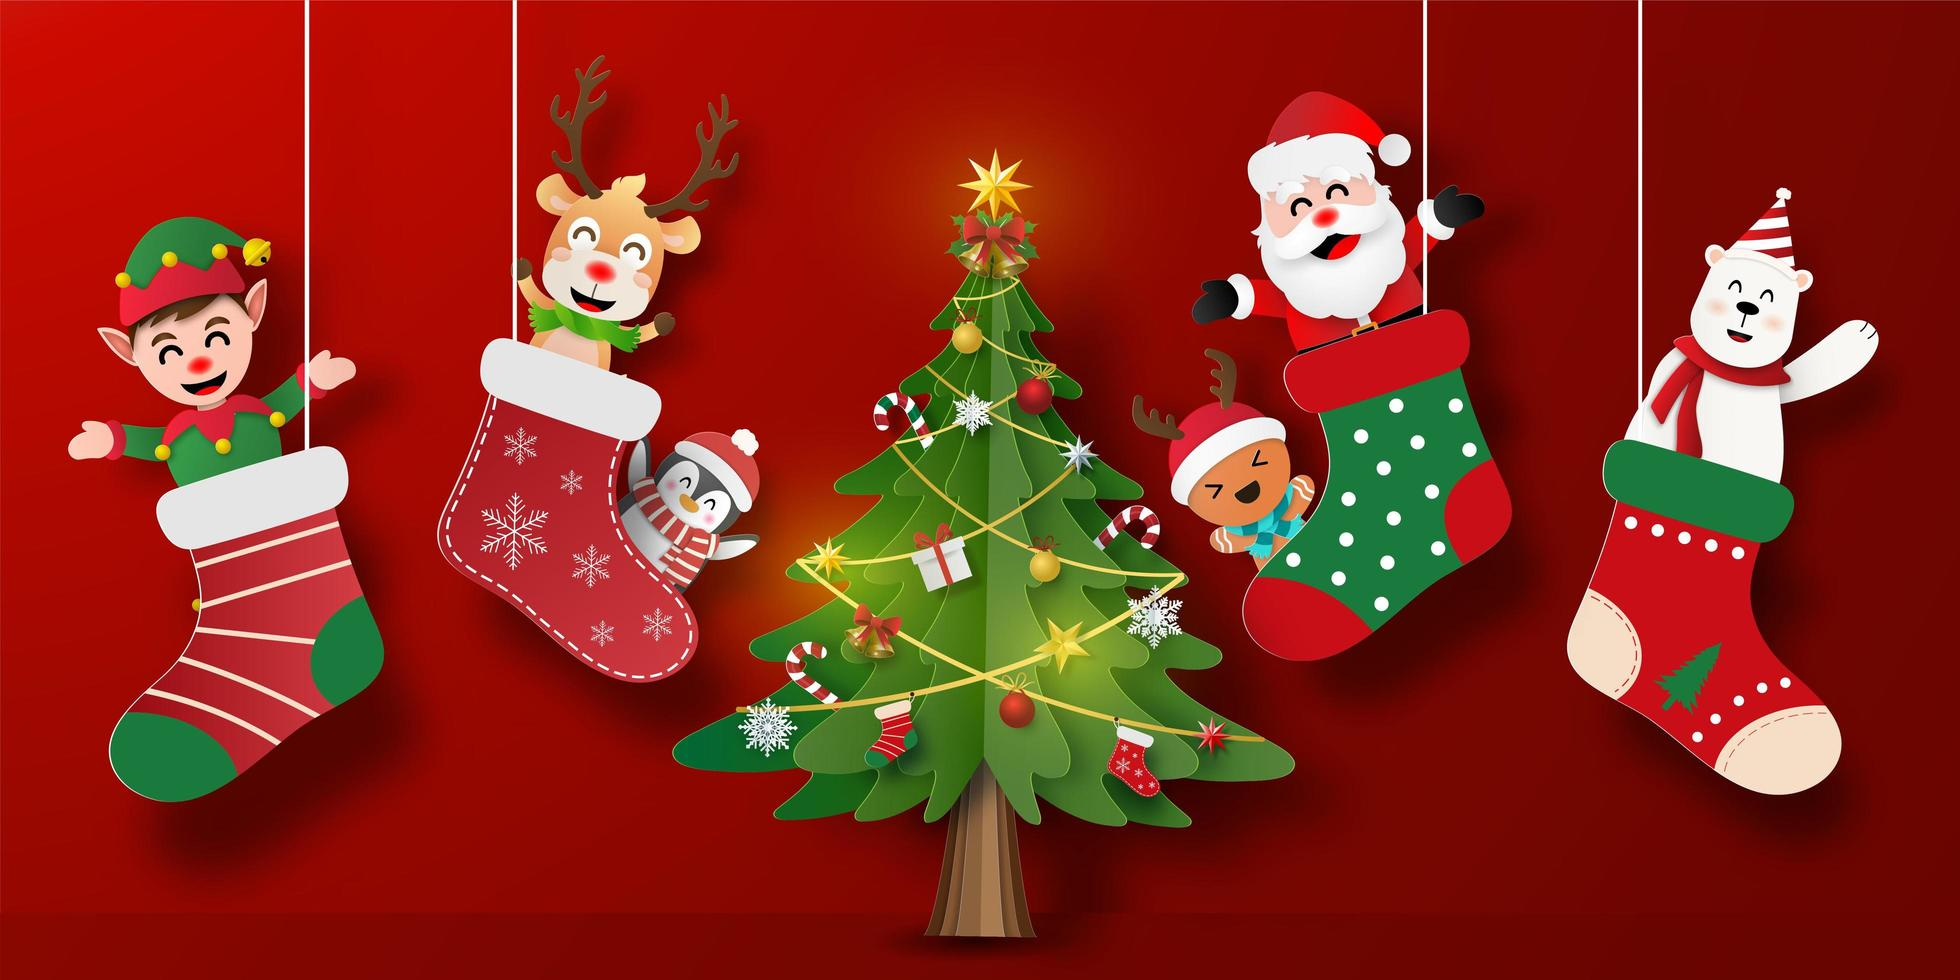 banner cartolina di natale di babbo natale e amici in calza di natale con albero di natale vettore